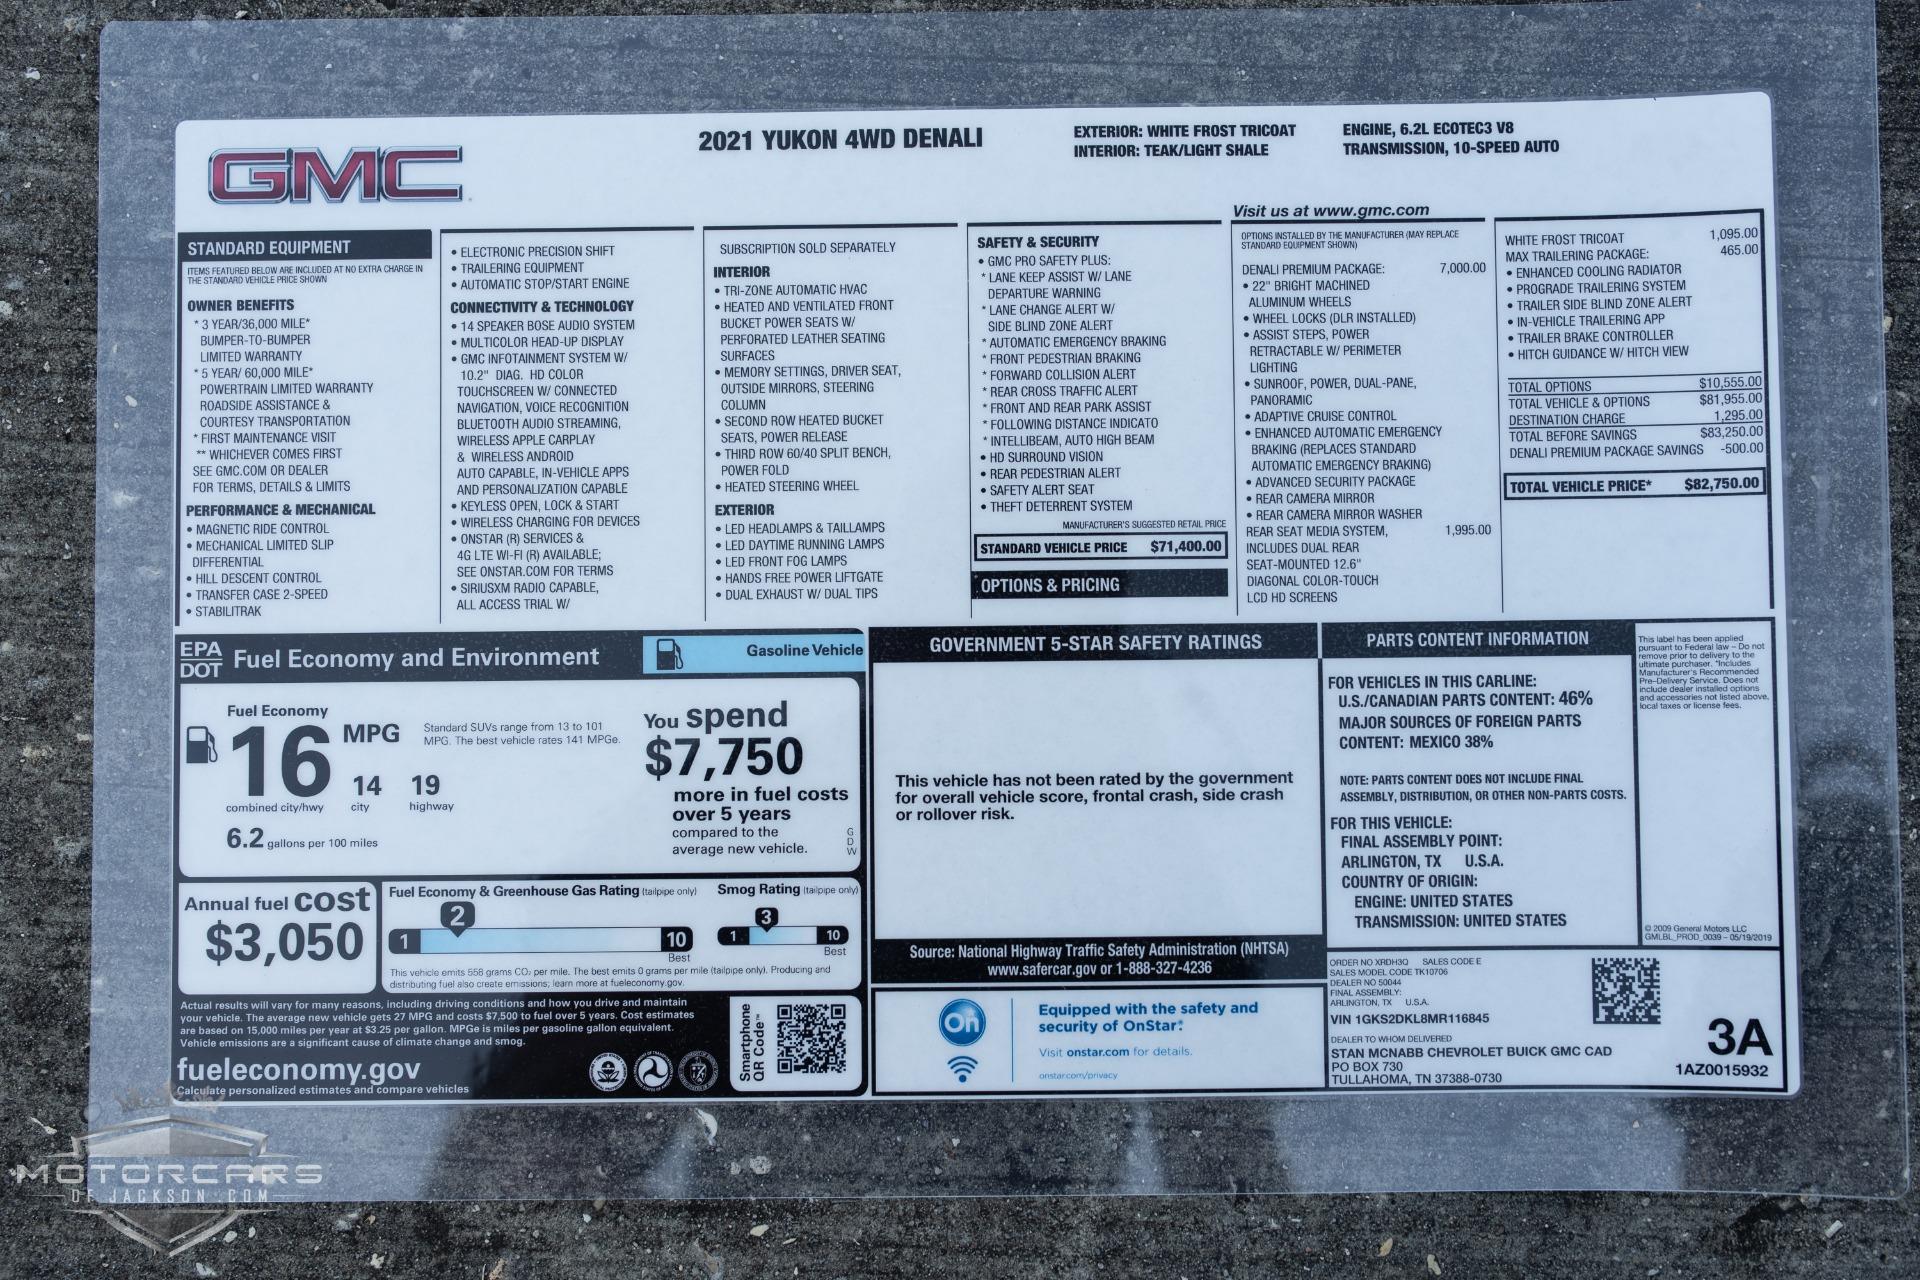 Used-2021-GMC-Yukon-Denali-Jackson-MS